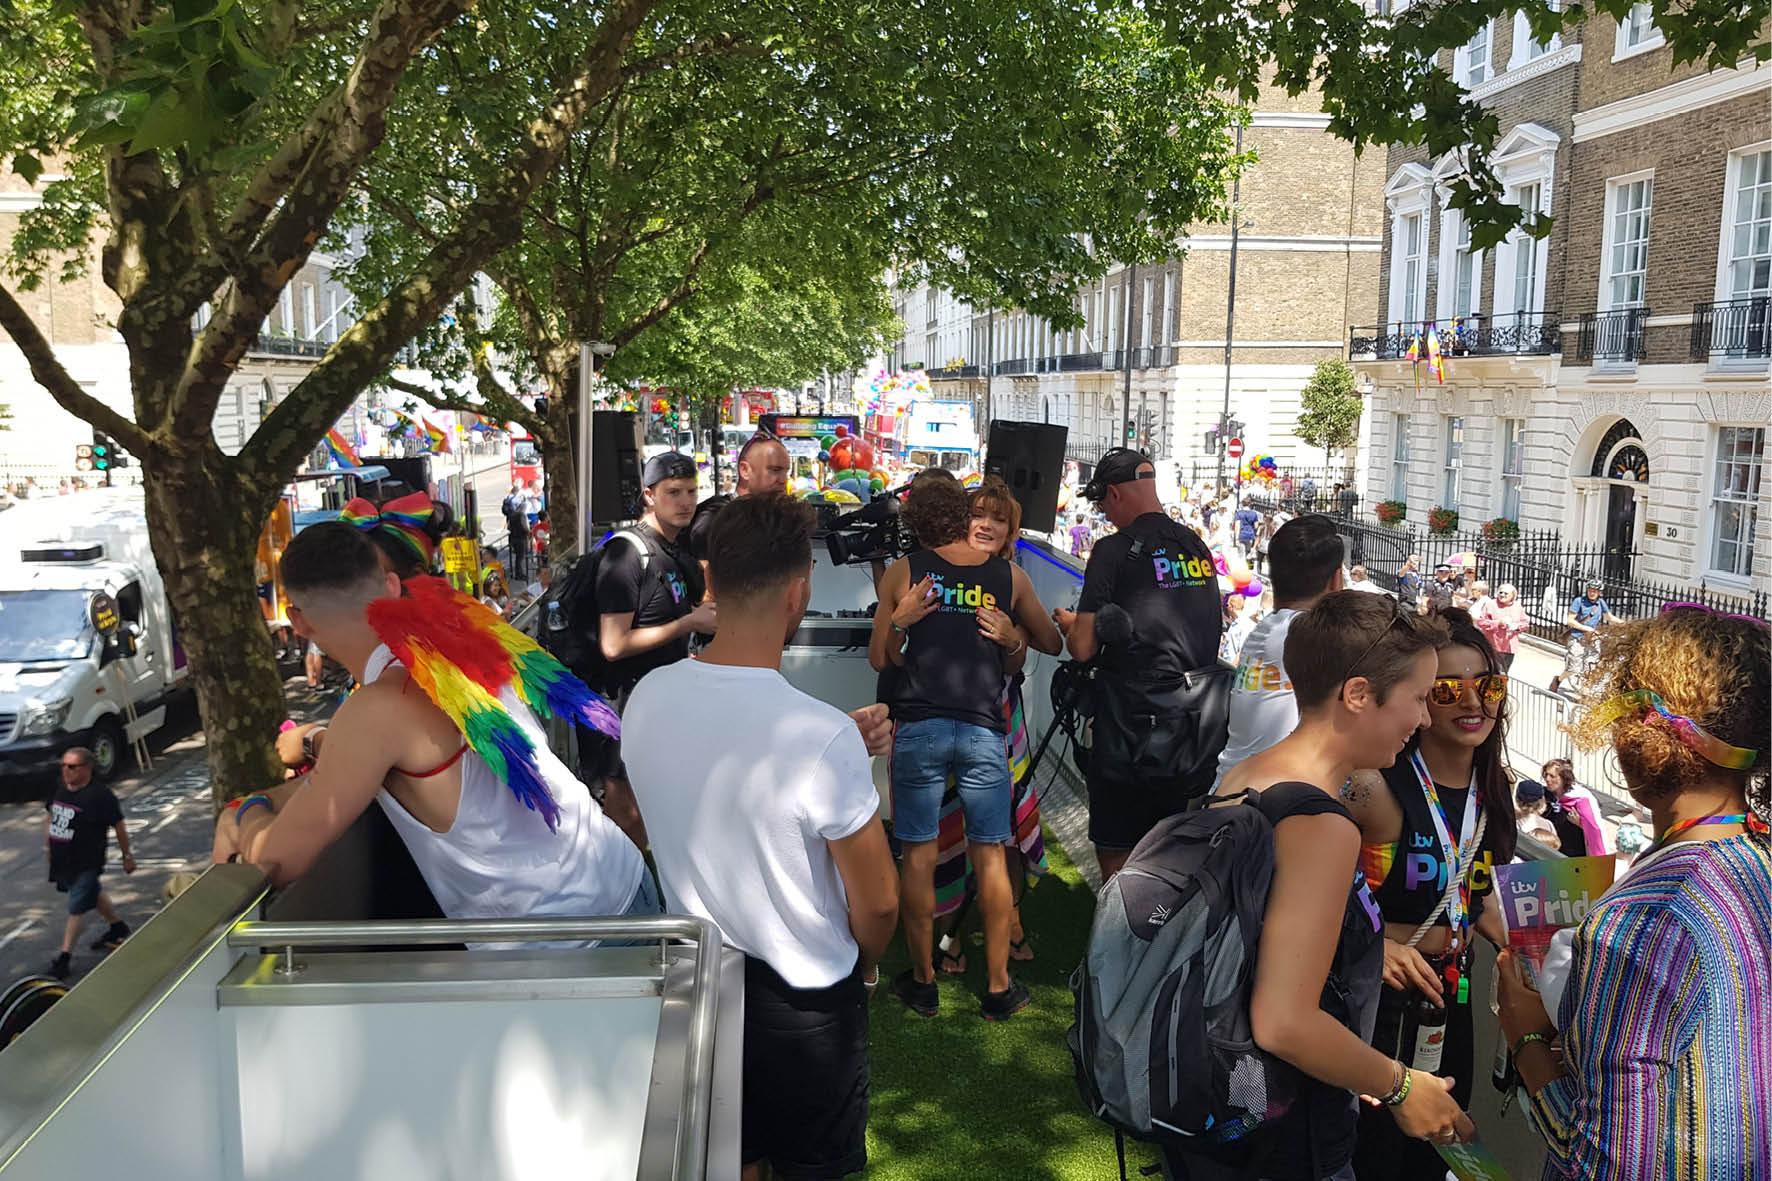 bus_business_london_pride_2018_8.jpg